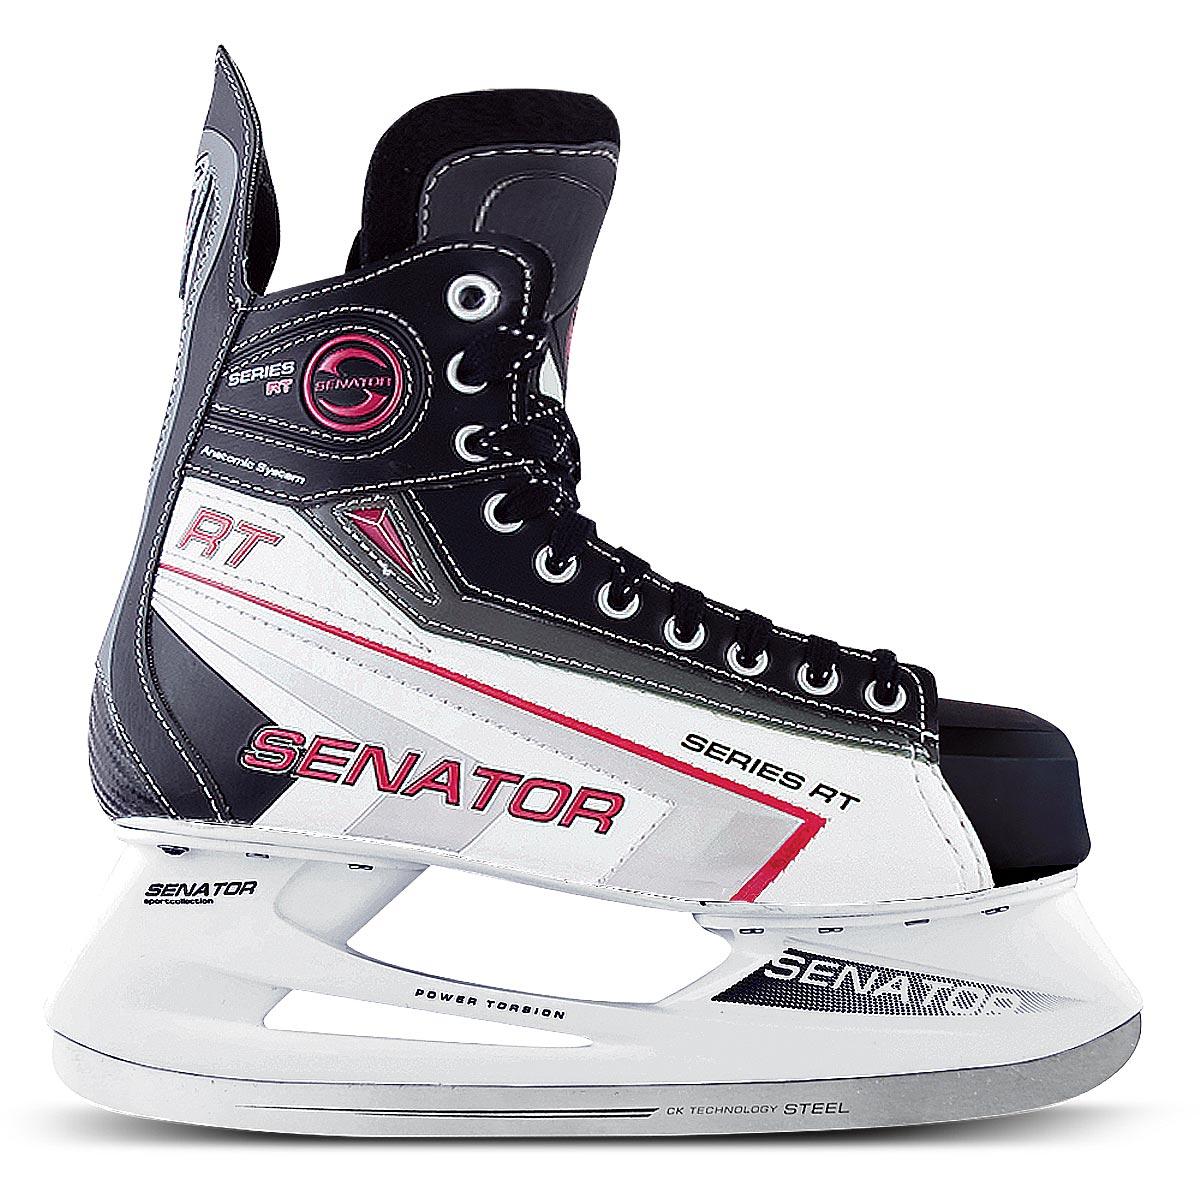 CK Коньки хоккейные мужские СК Senator RT, цвет: черный, белый. Размер 47